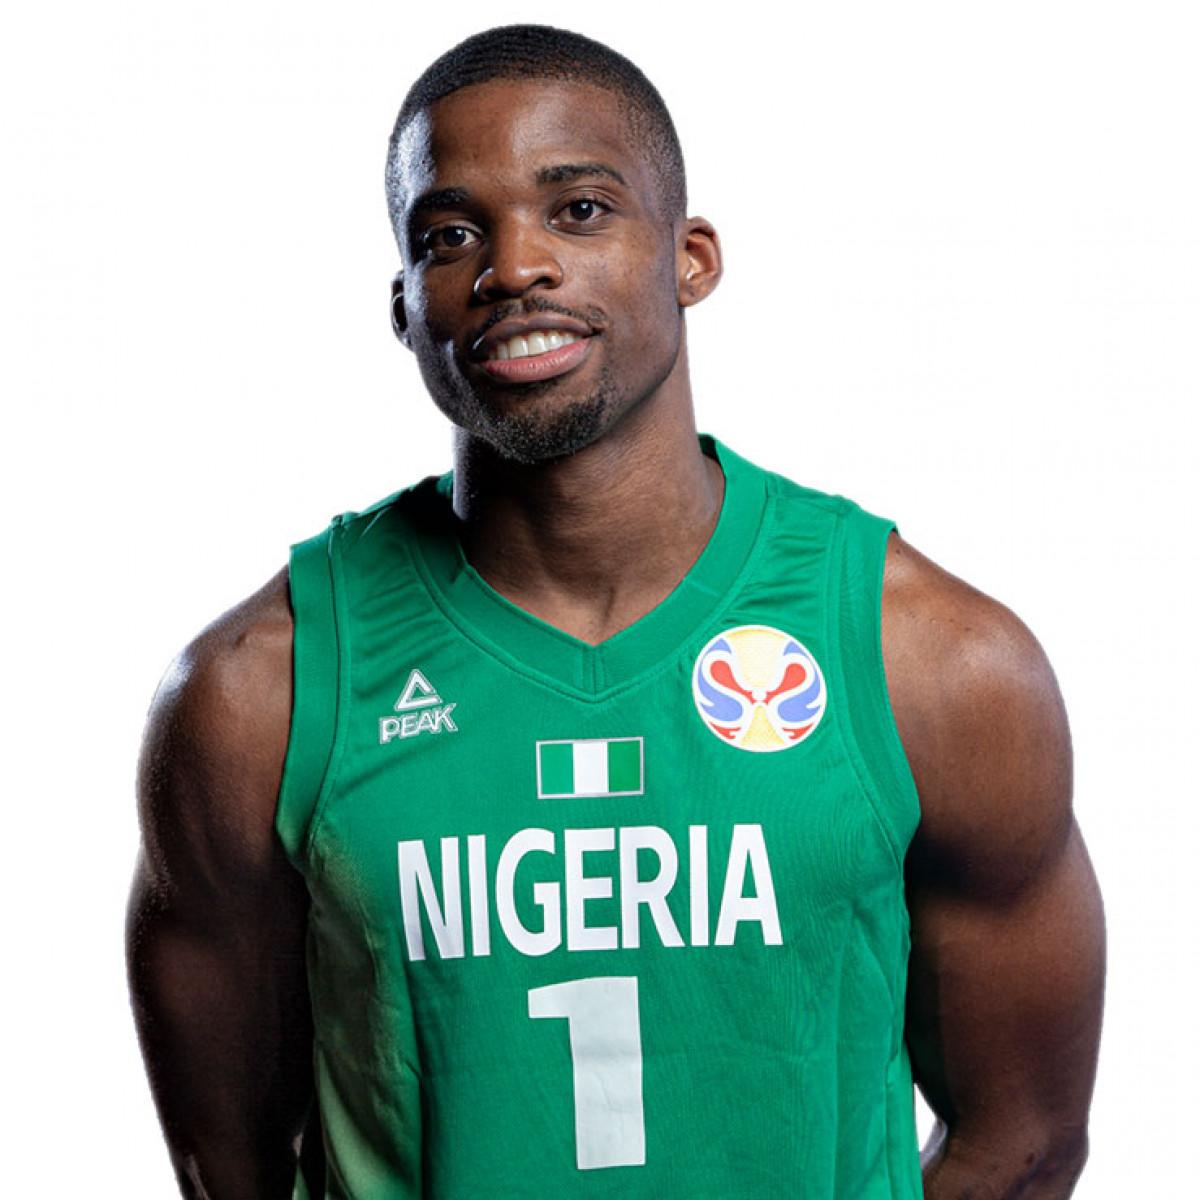 Photo of Ike Iroegbu, 2019-2020 season